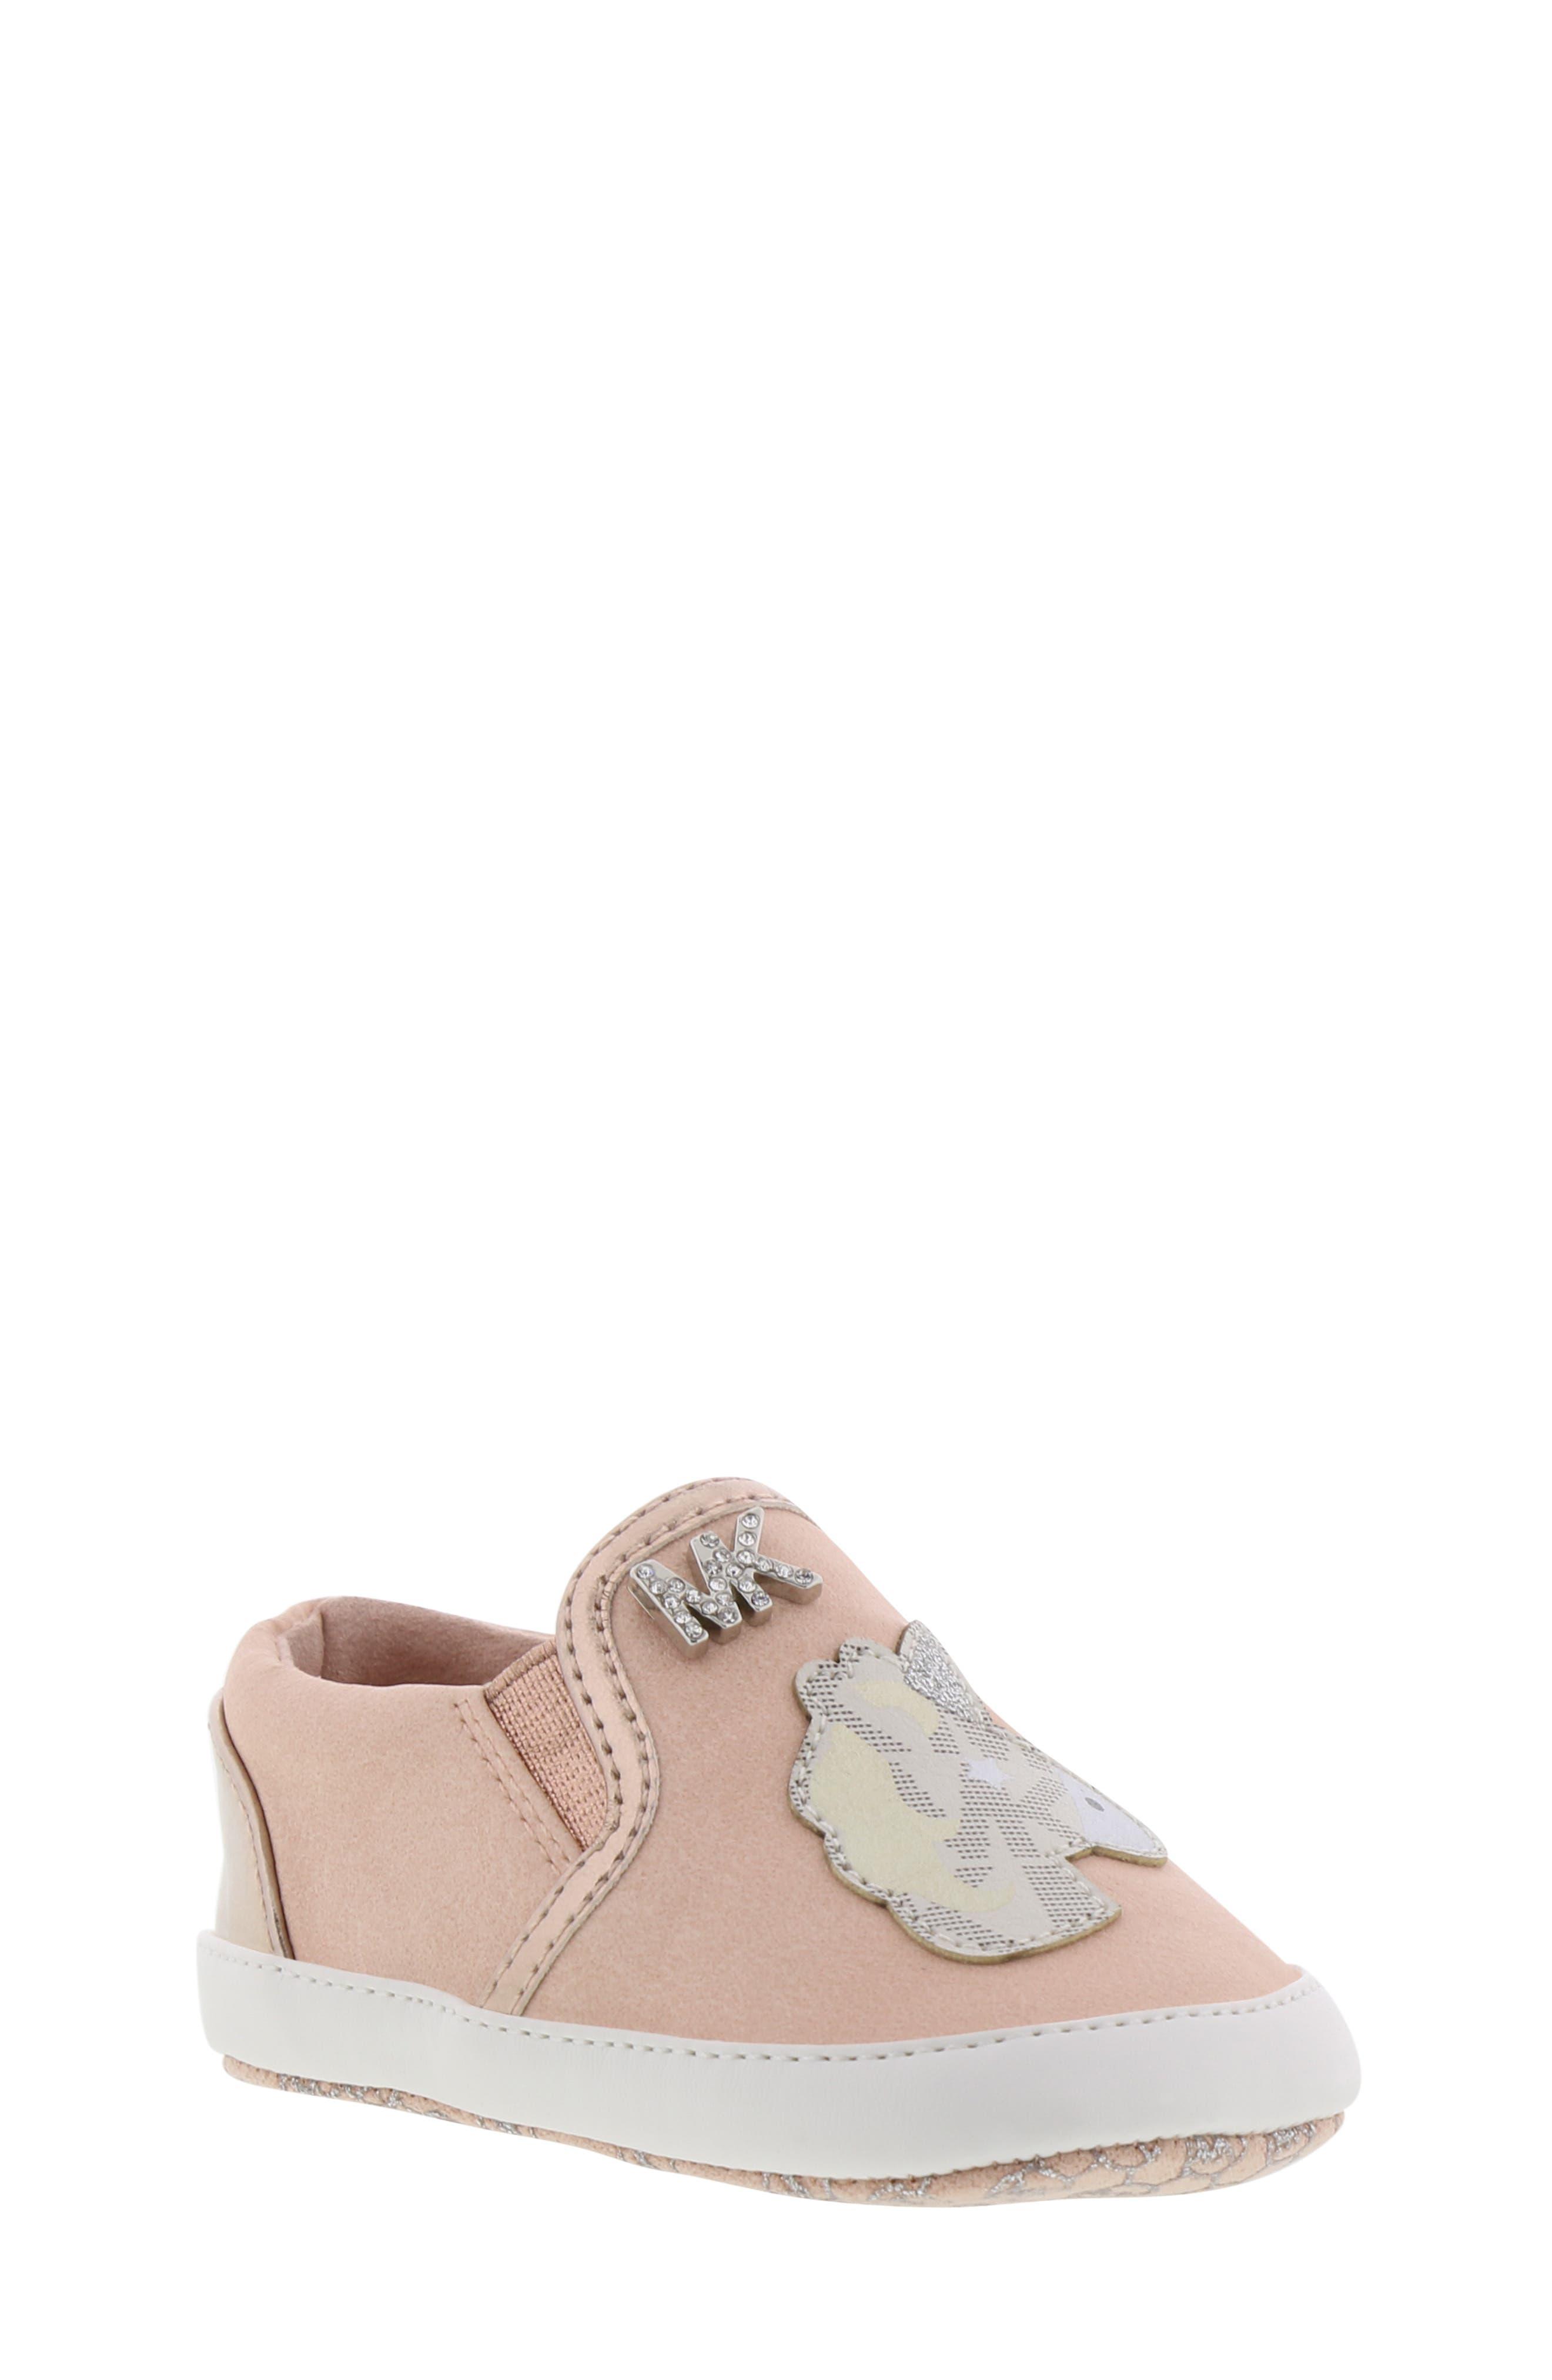 MICHAEL MICHAEL KORS, Magic Slip-On Sneaker, Main thumbnail 1, color, BLUSH